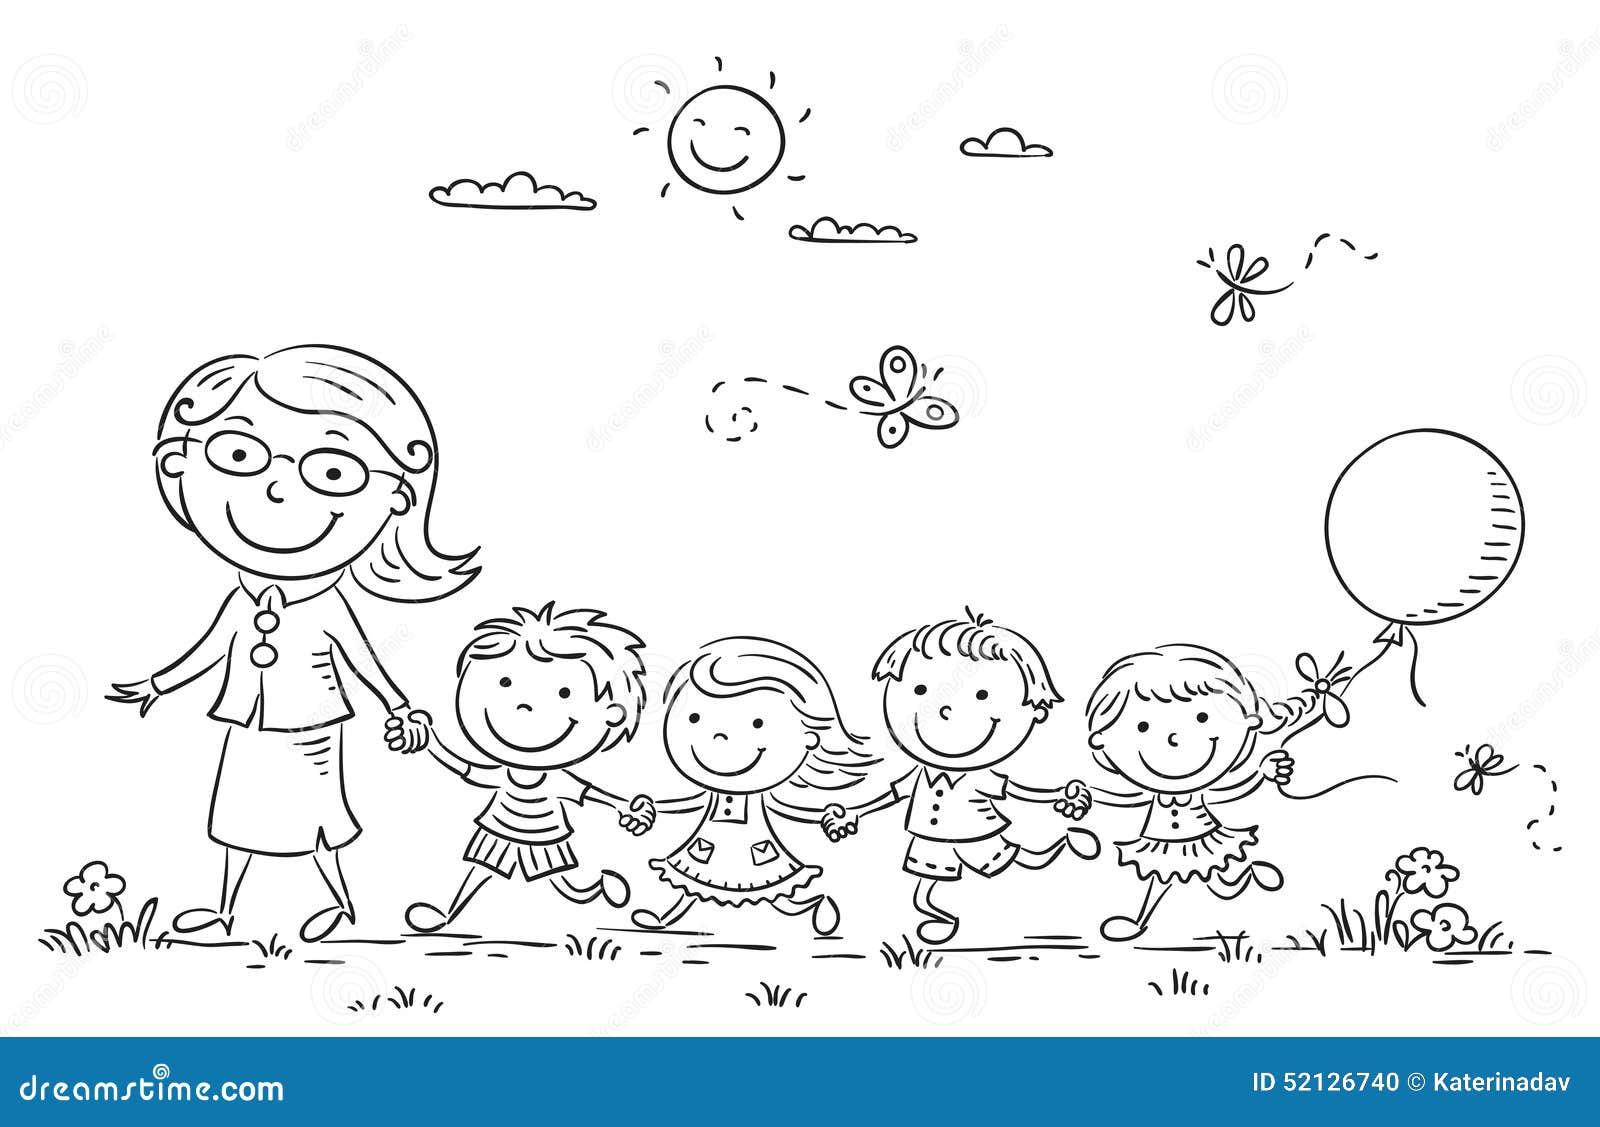 Crianças dos desenhos animados e seu professor Outdoors, esboço